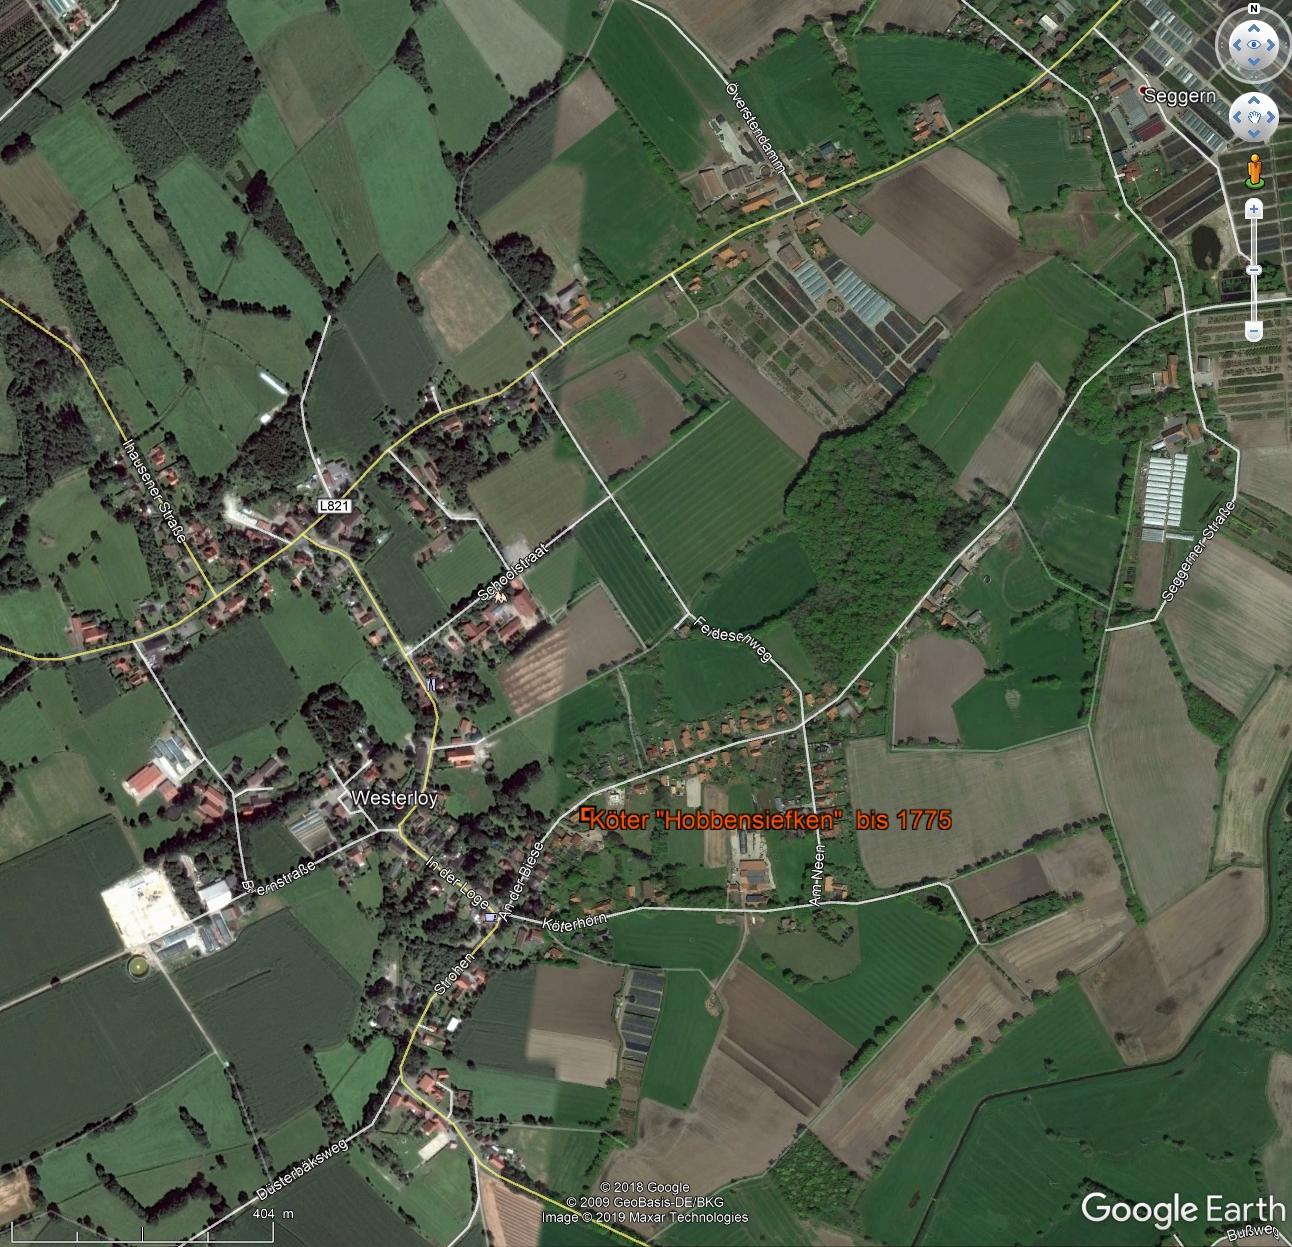 Hobbensiefken-Farm in Westerloy in GoogleEarth